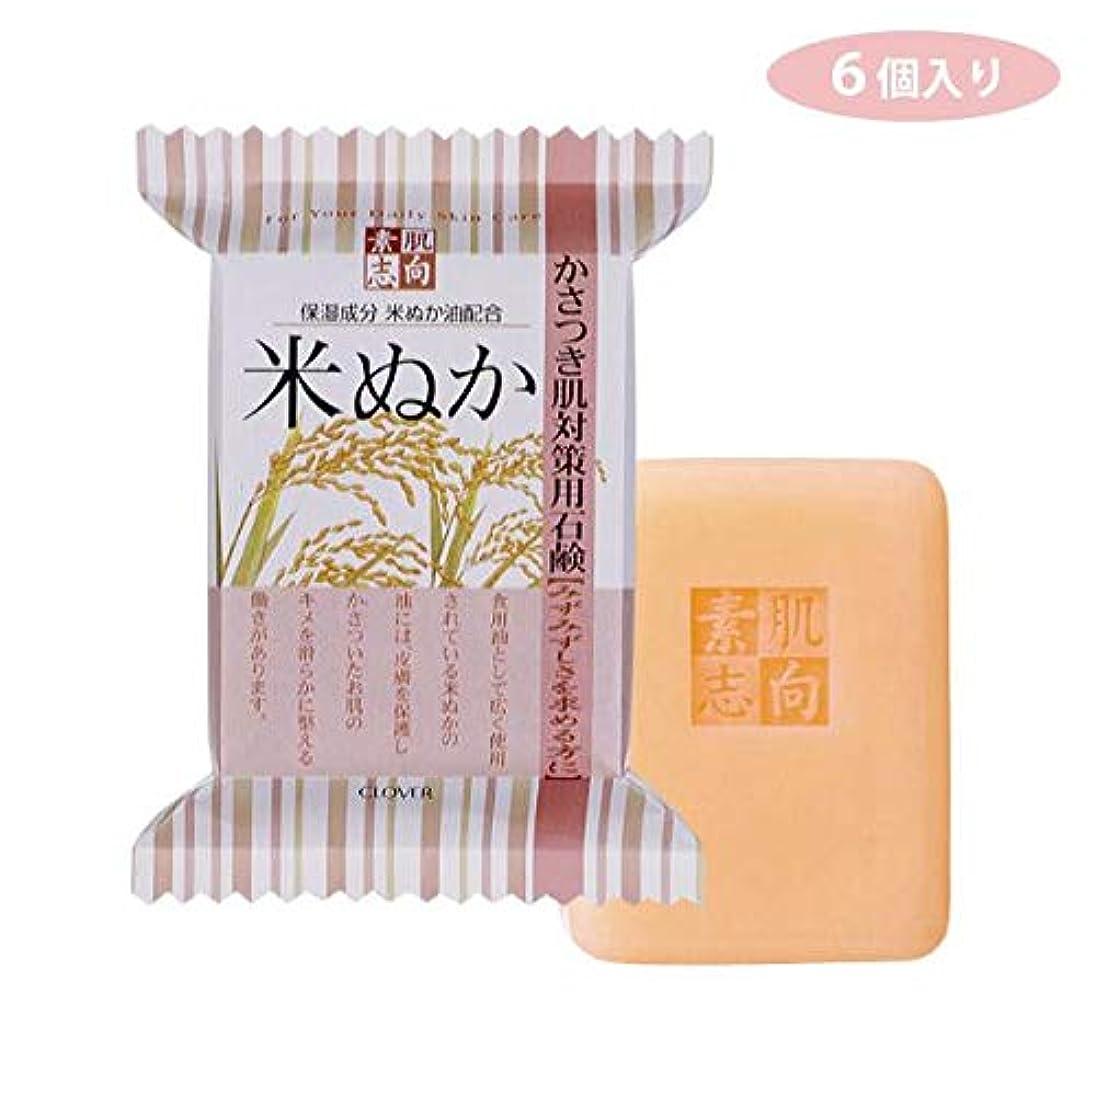 添加剤死傷者キロメートルクロバーコーポレーション CSN-25KO 6個入り 素肌志向 米ぬか 石けん 洗顔 セット